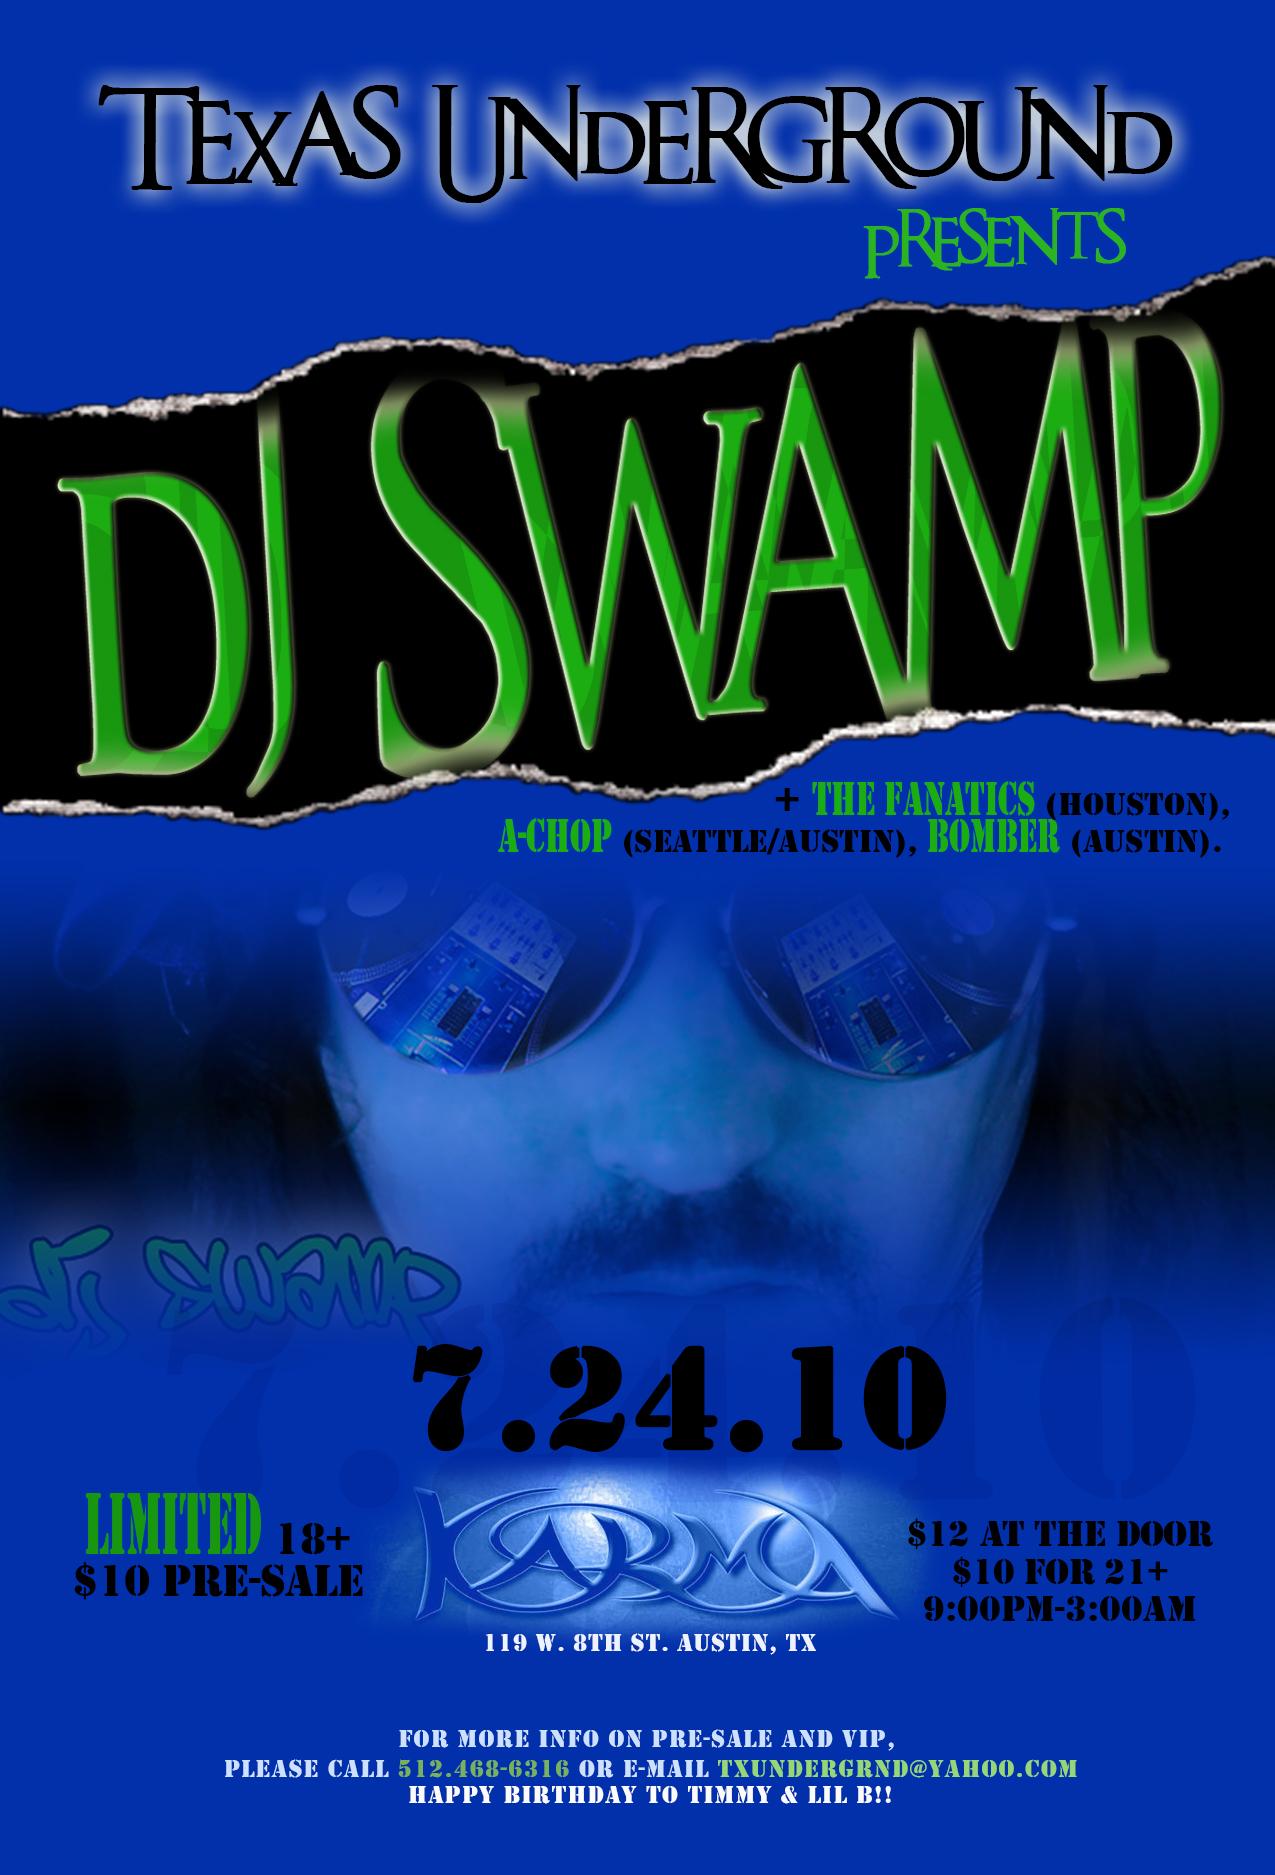 djswamp flier